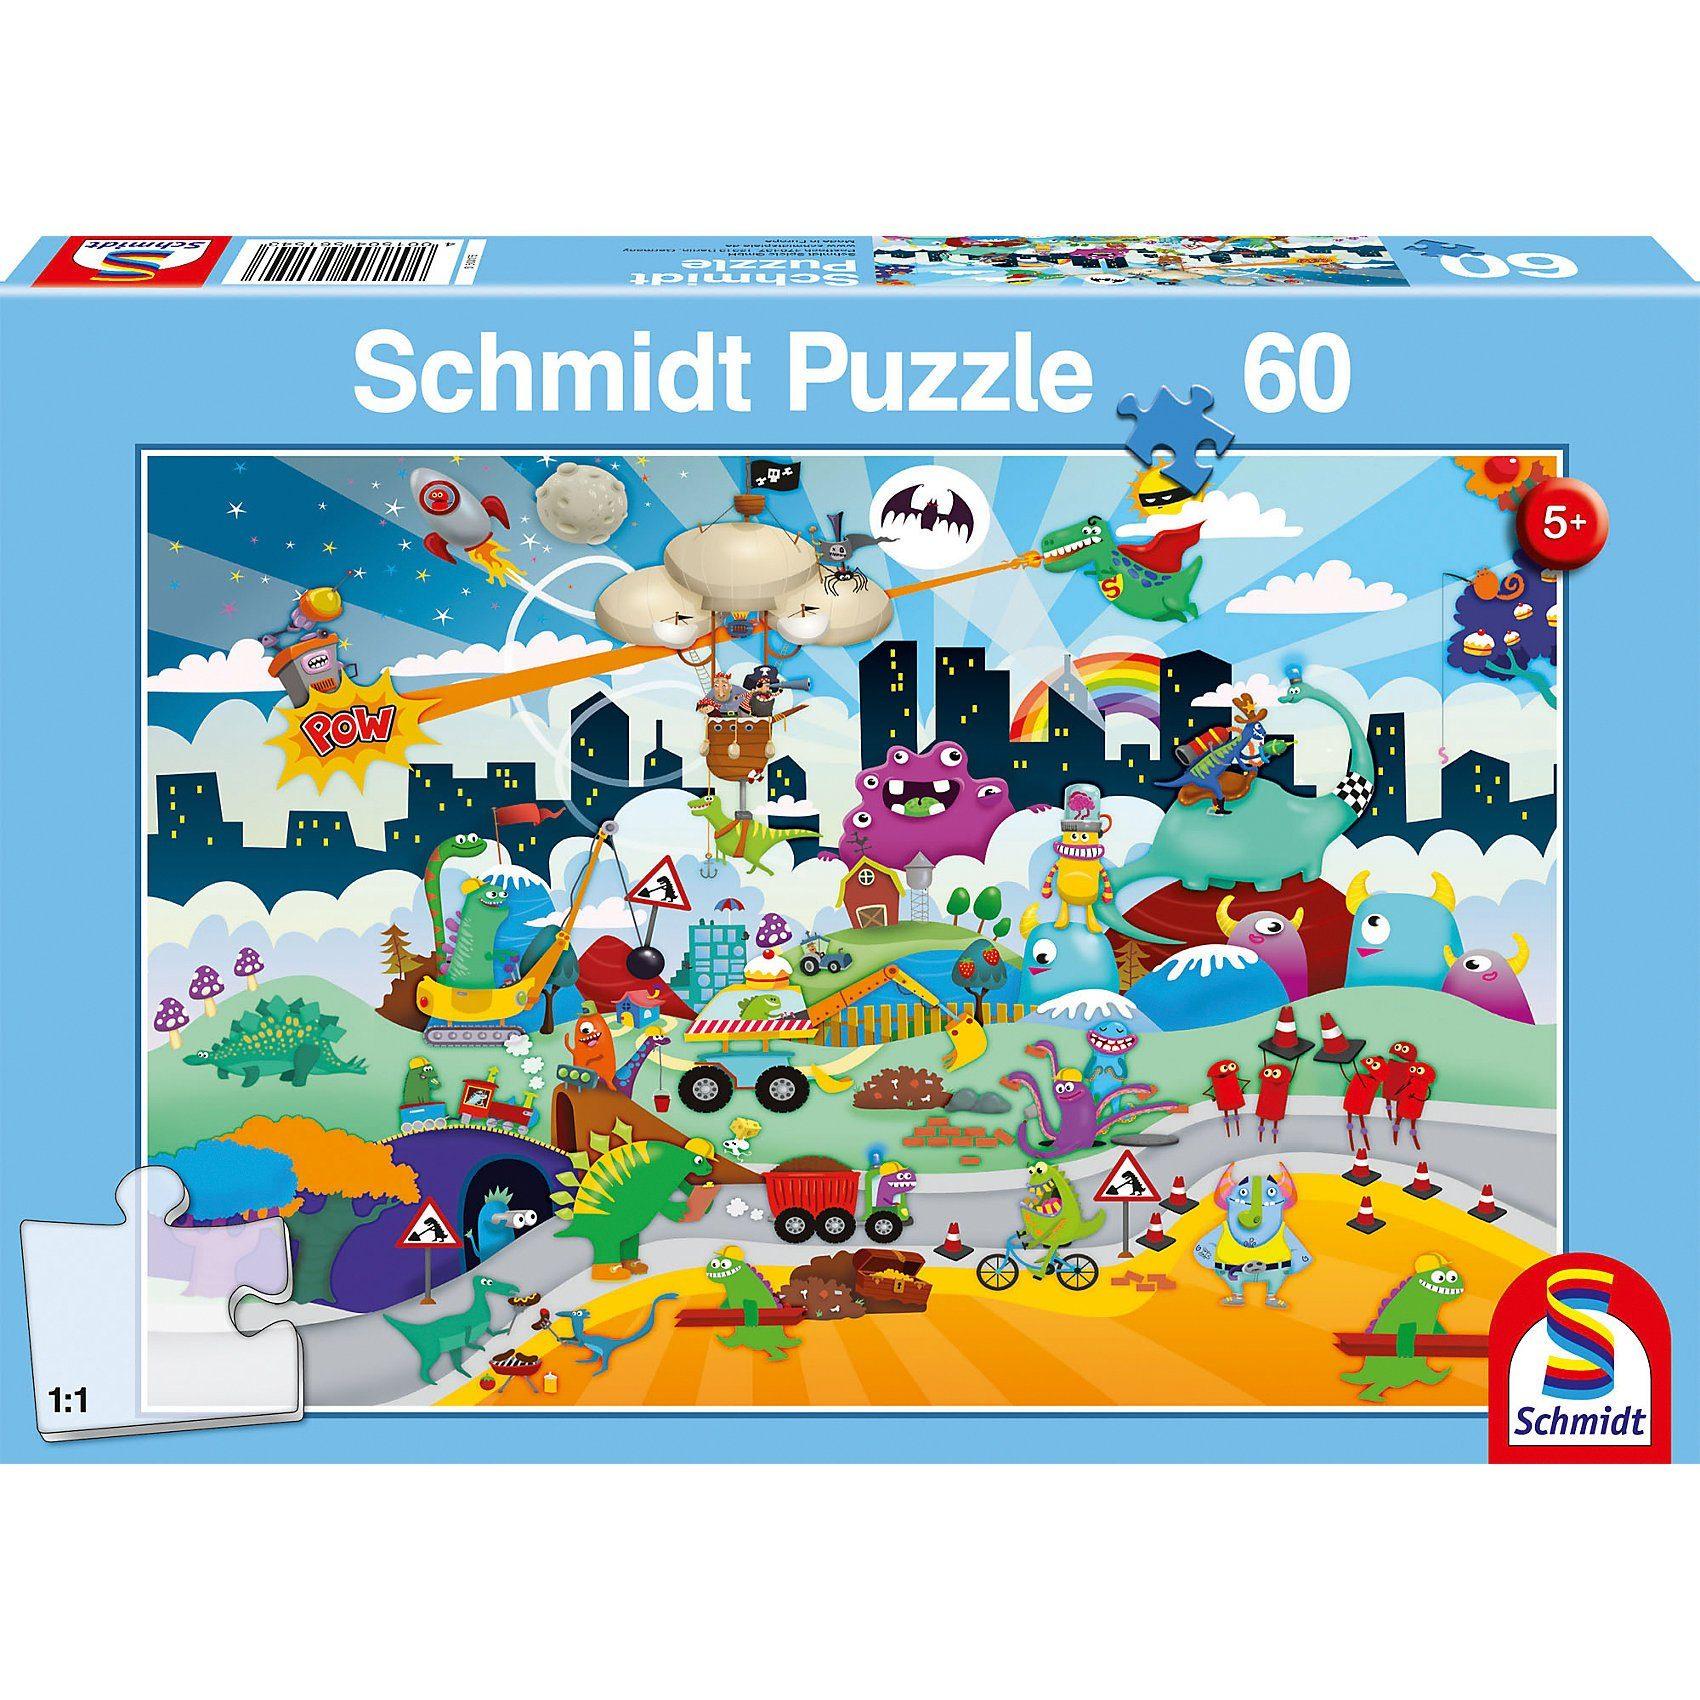 Schmidt Spiele Puzzle Kleine Helden, 60 Teile